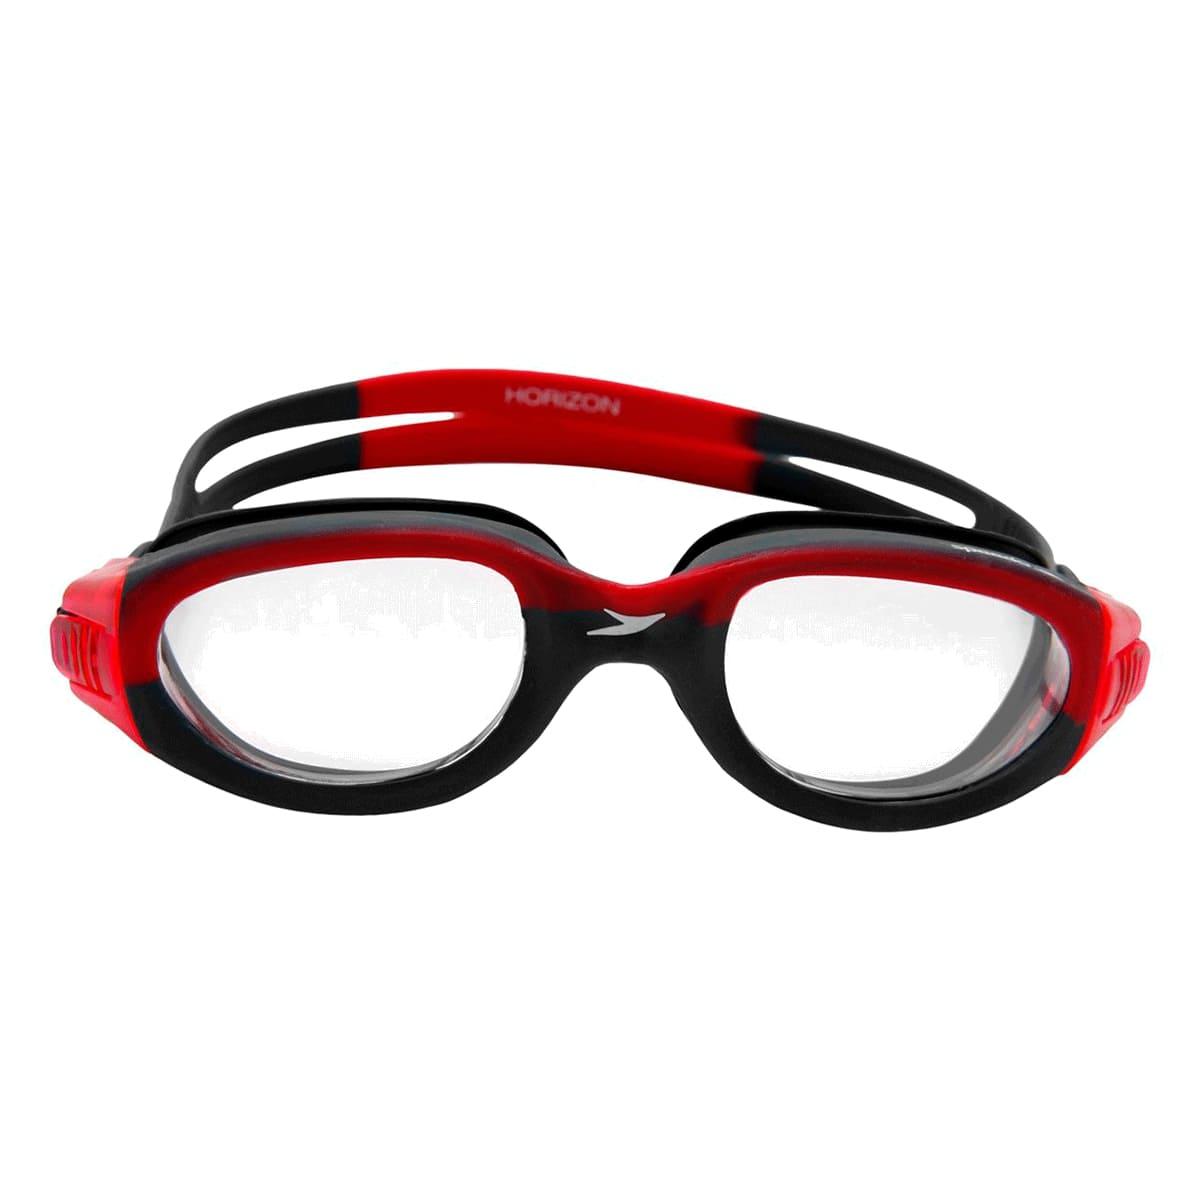 Óculos Natação Speedo Horizon Vermelho Preto